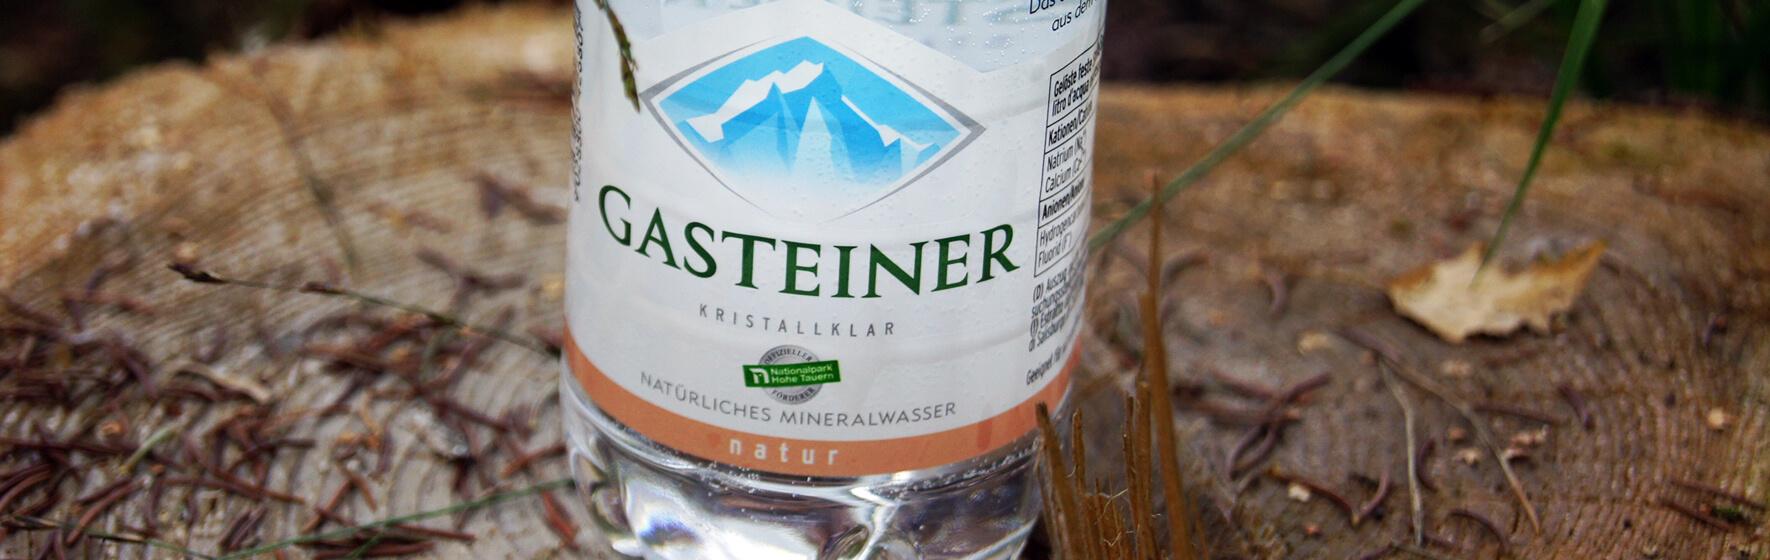 Gasteiner Mineralwasser auf Baumstamm, Geschichte